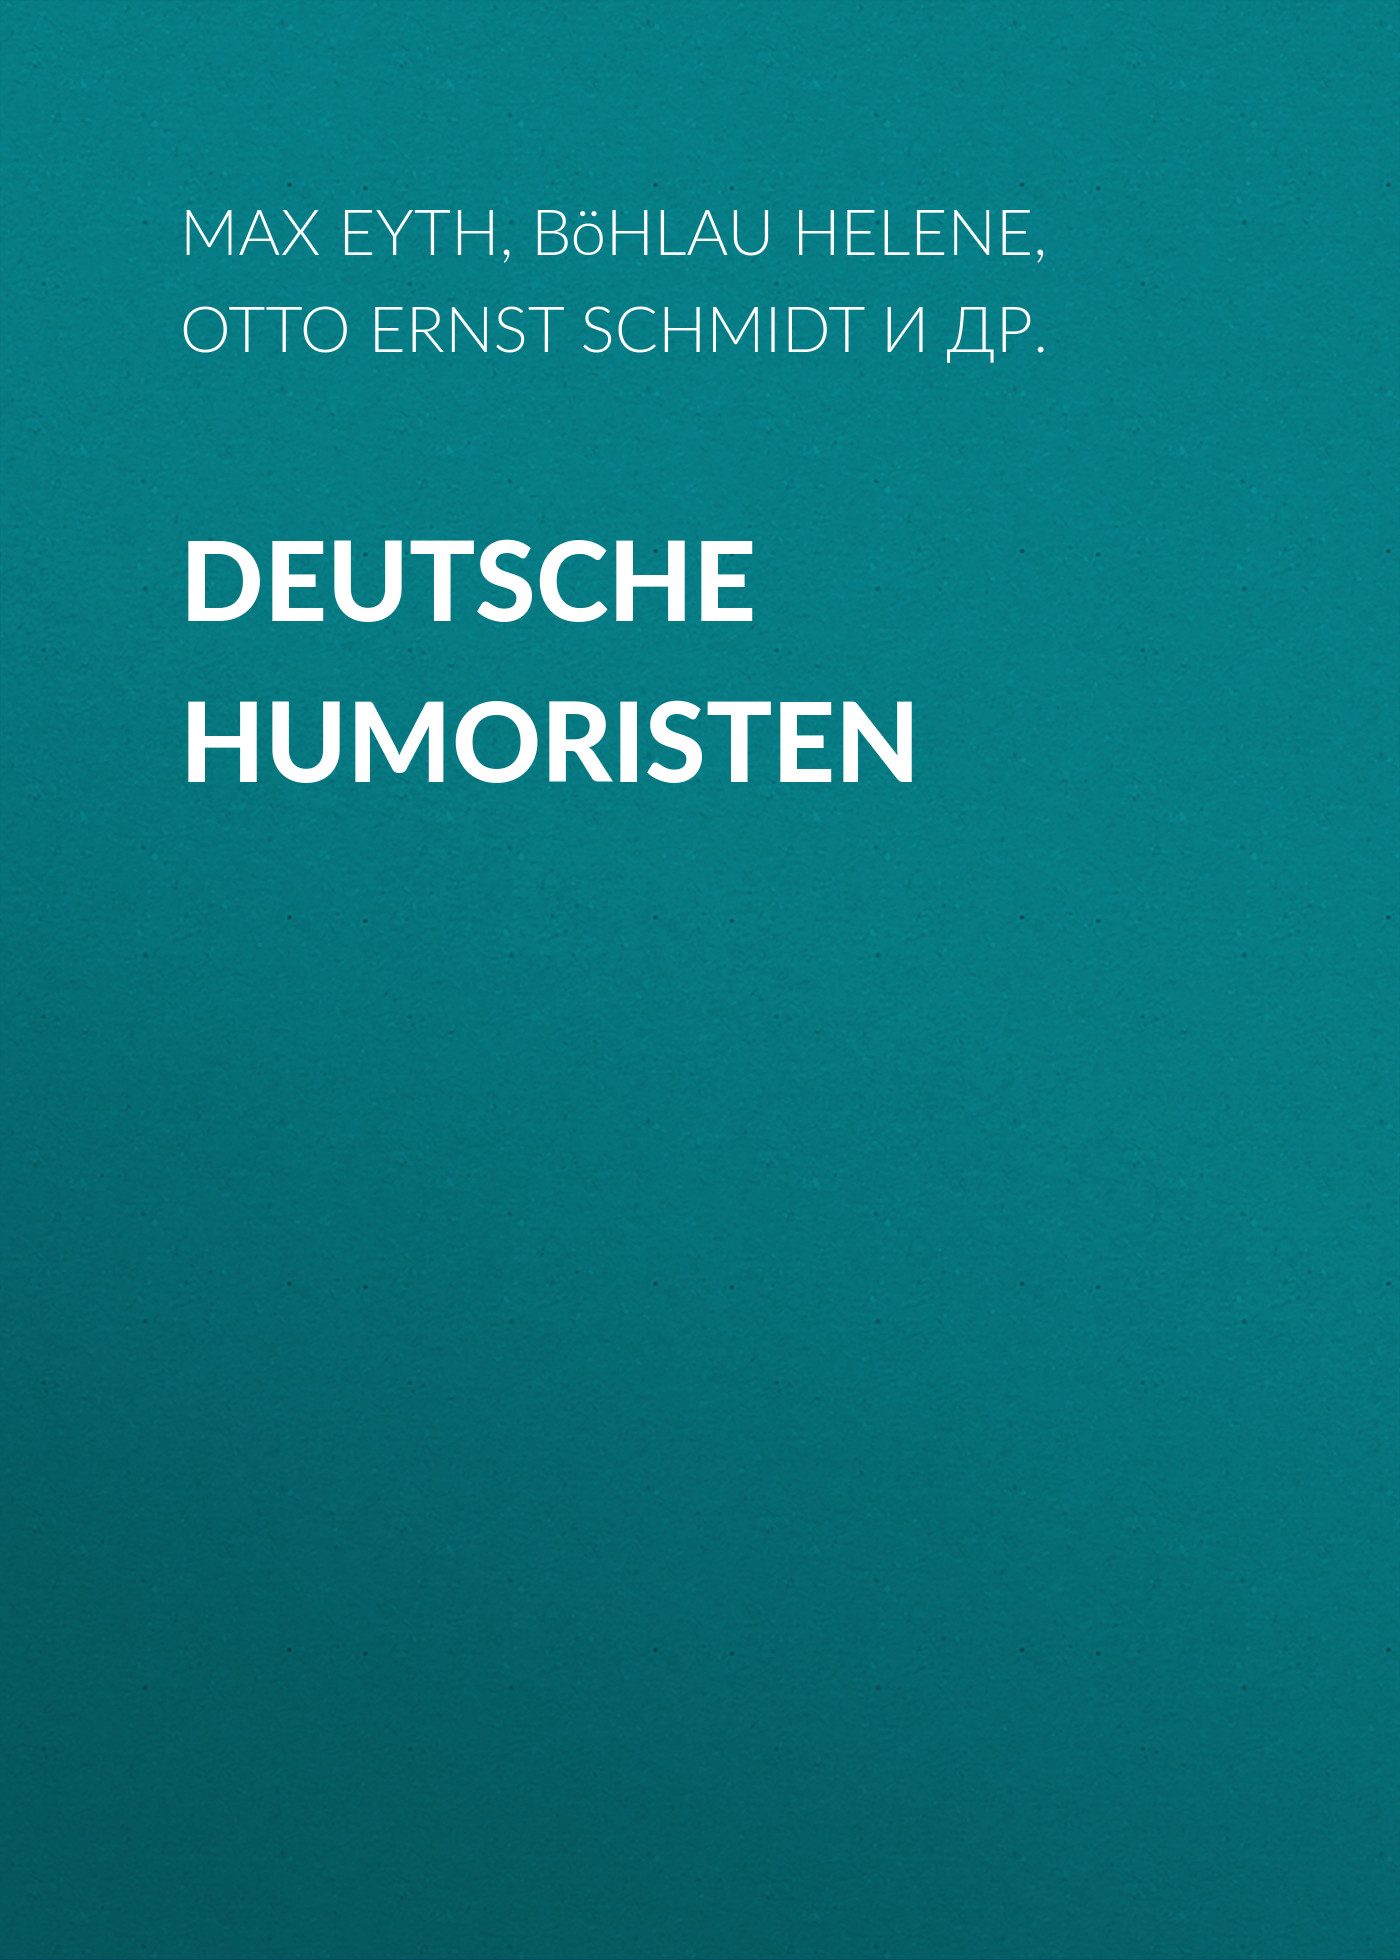 Otto Ernst Schmidt Deutsche Humoristen otto ernst schmidt deutsche humoristen